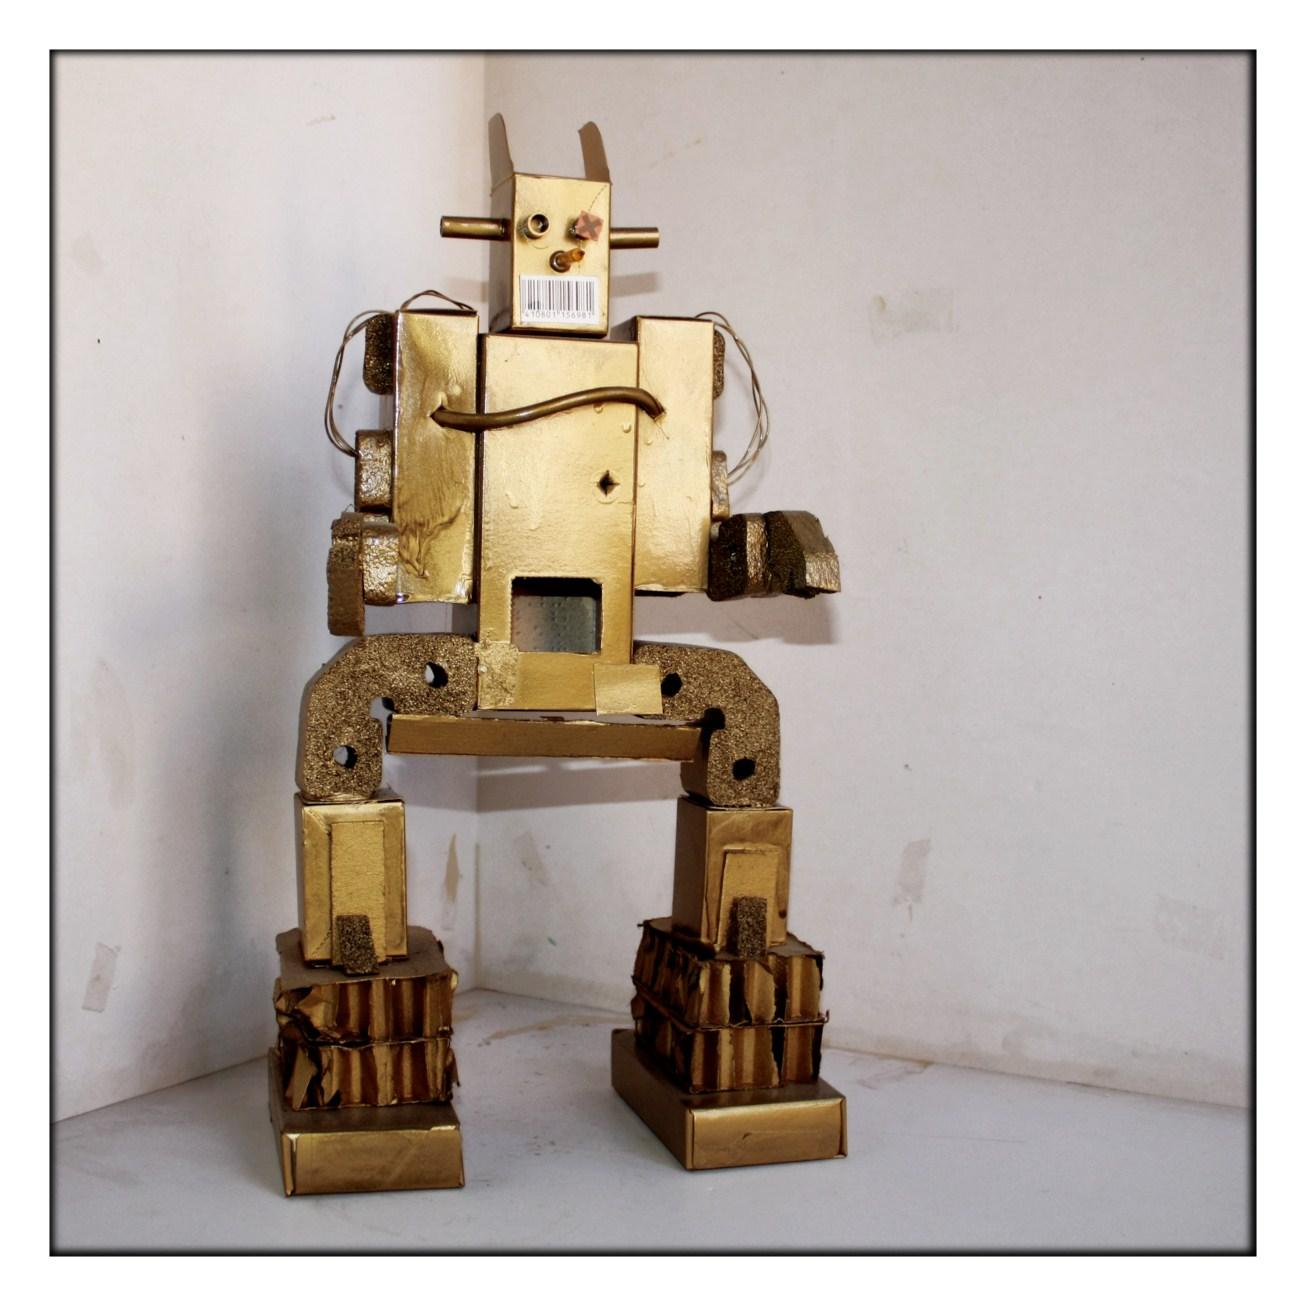 Robots Con Cajas De Carton